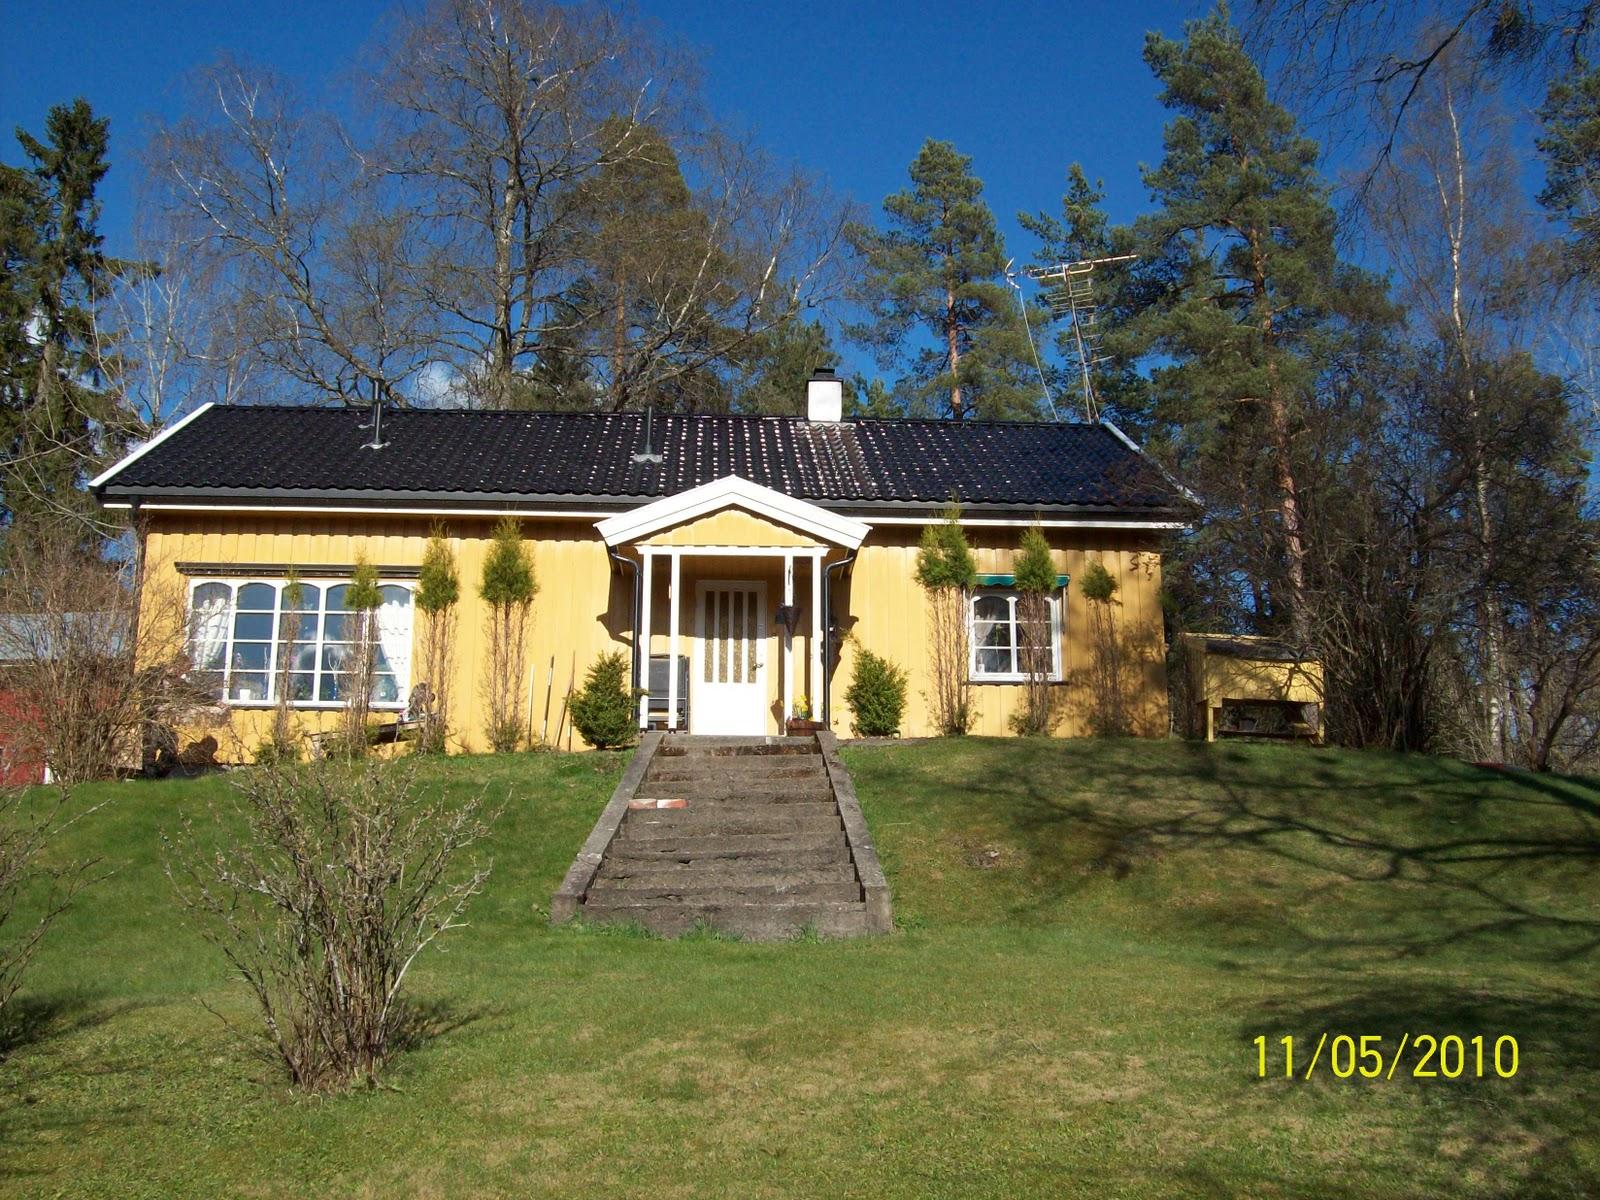 Hagen på Fjellberg....: Dette skjedde i 2010!